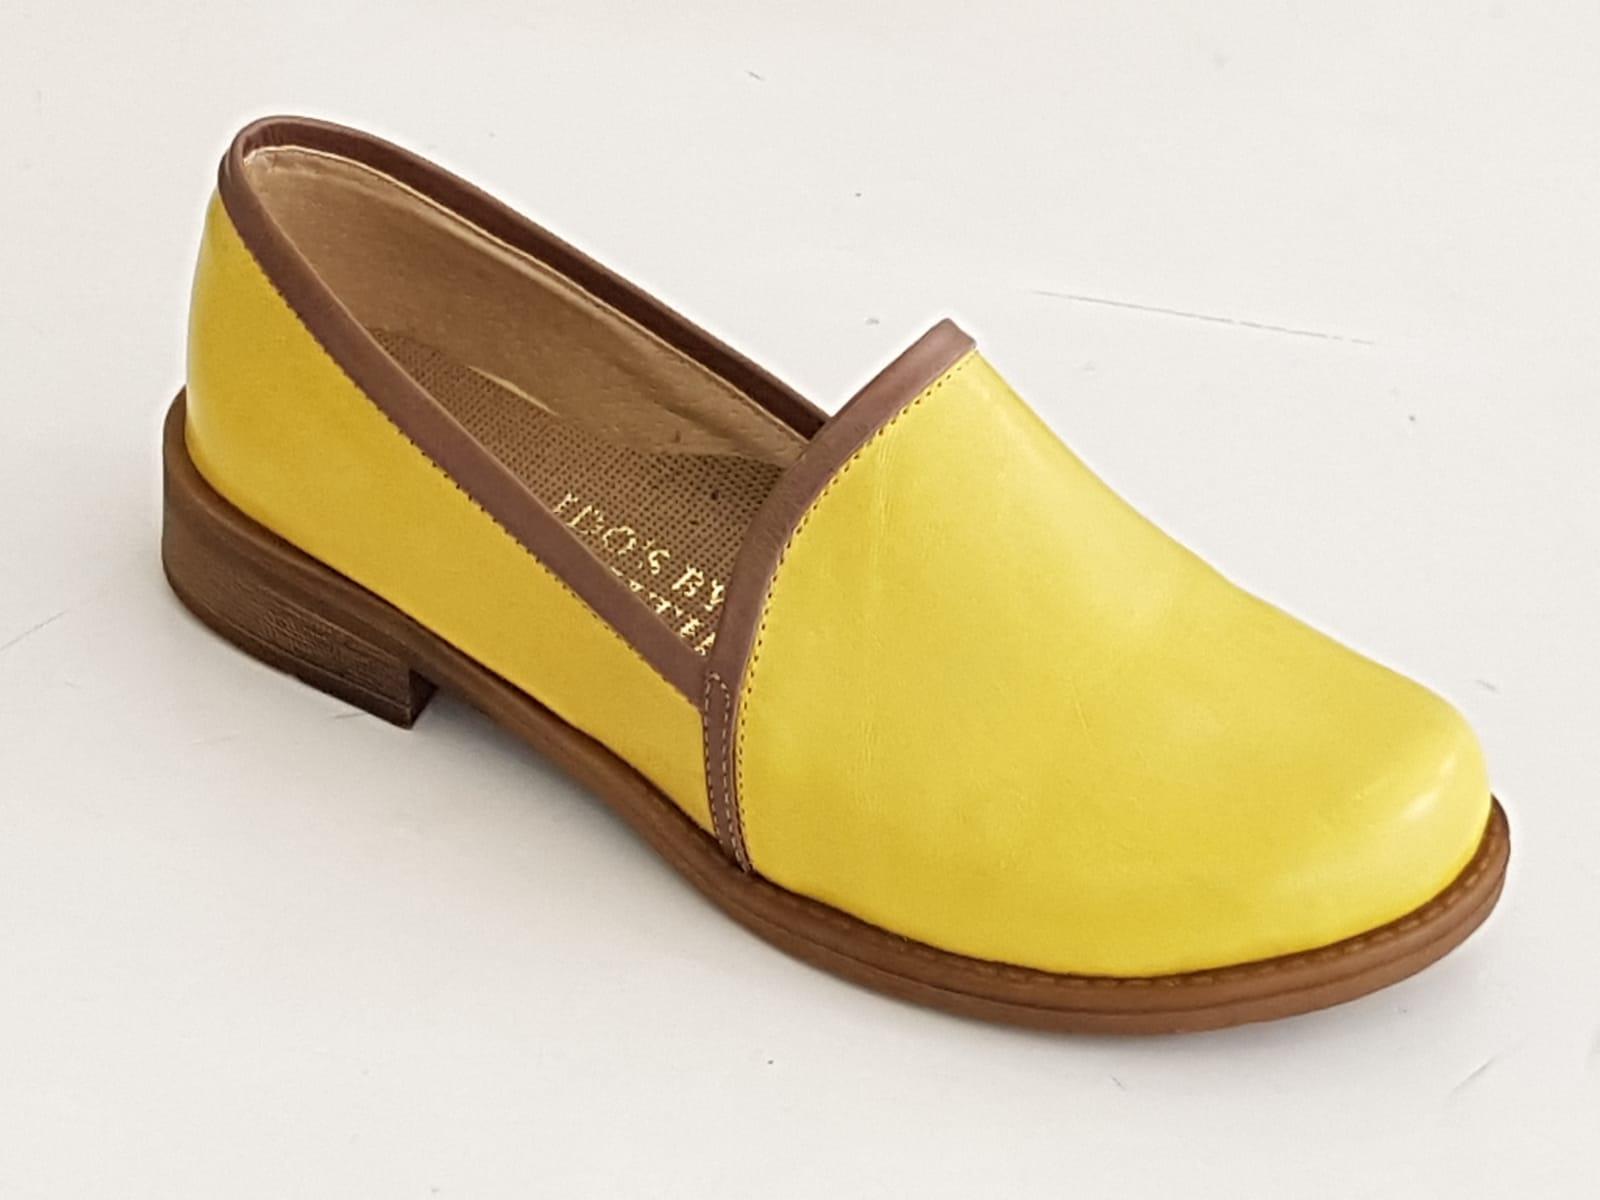 נעל לשון פספול (עד מידה 43)